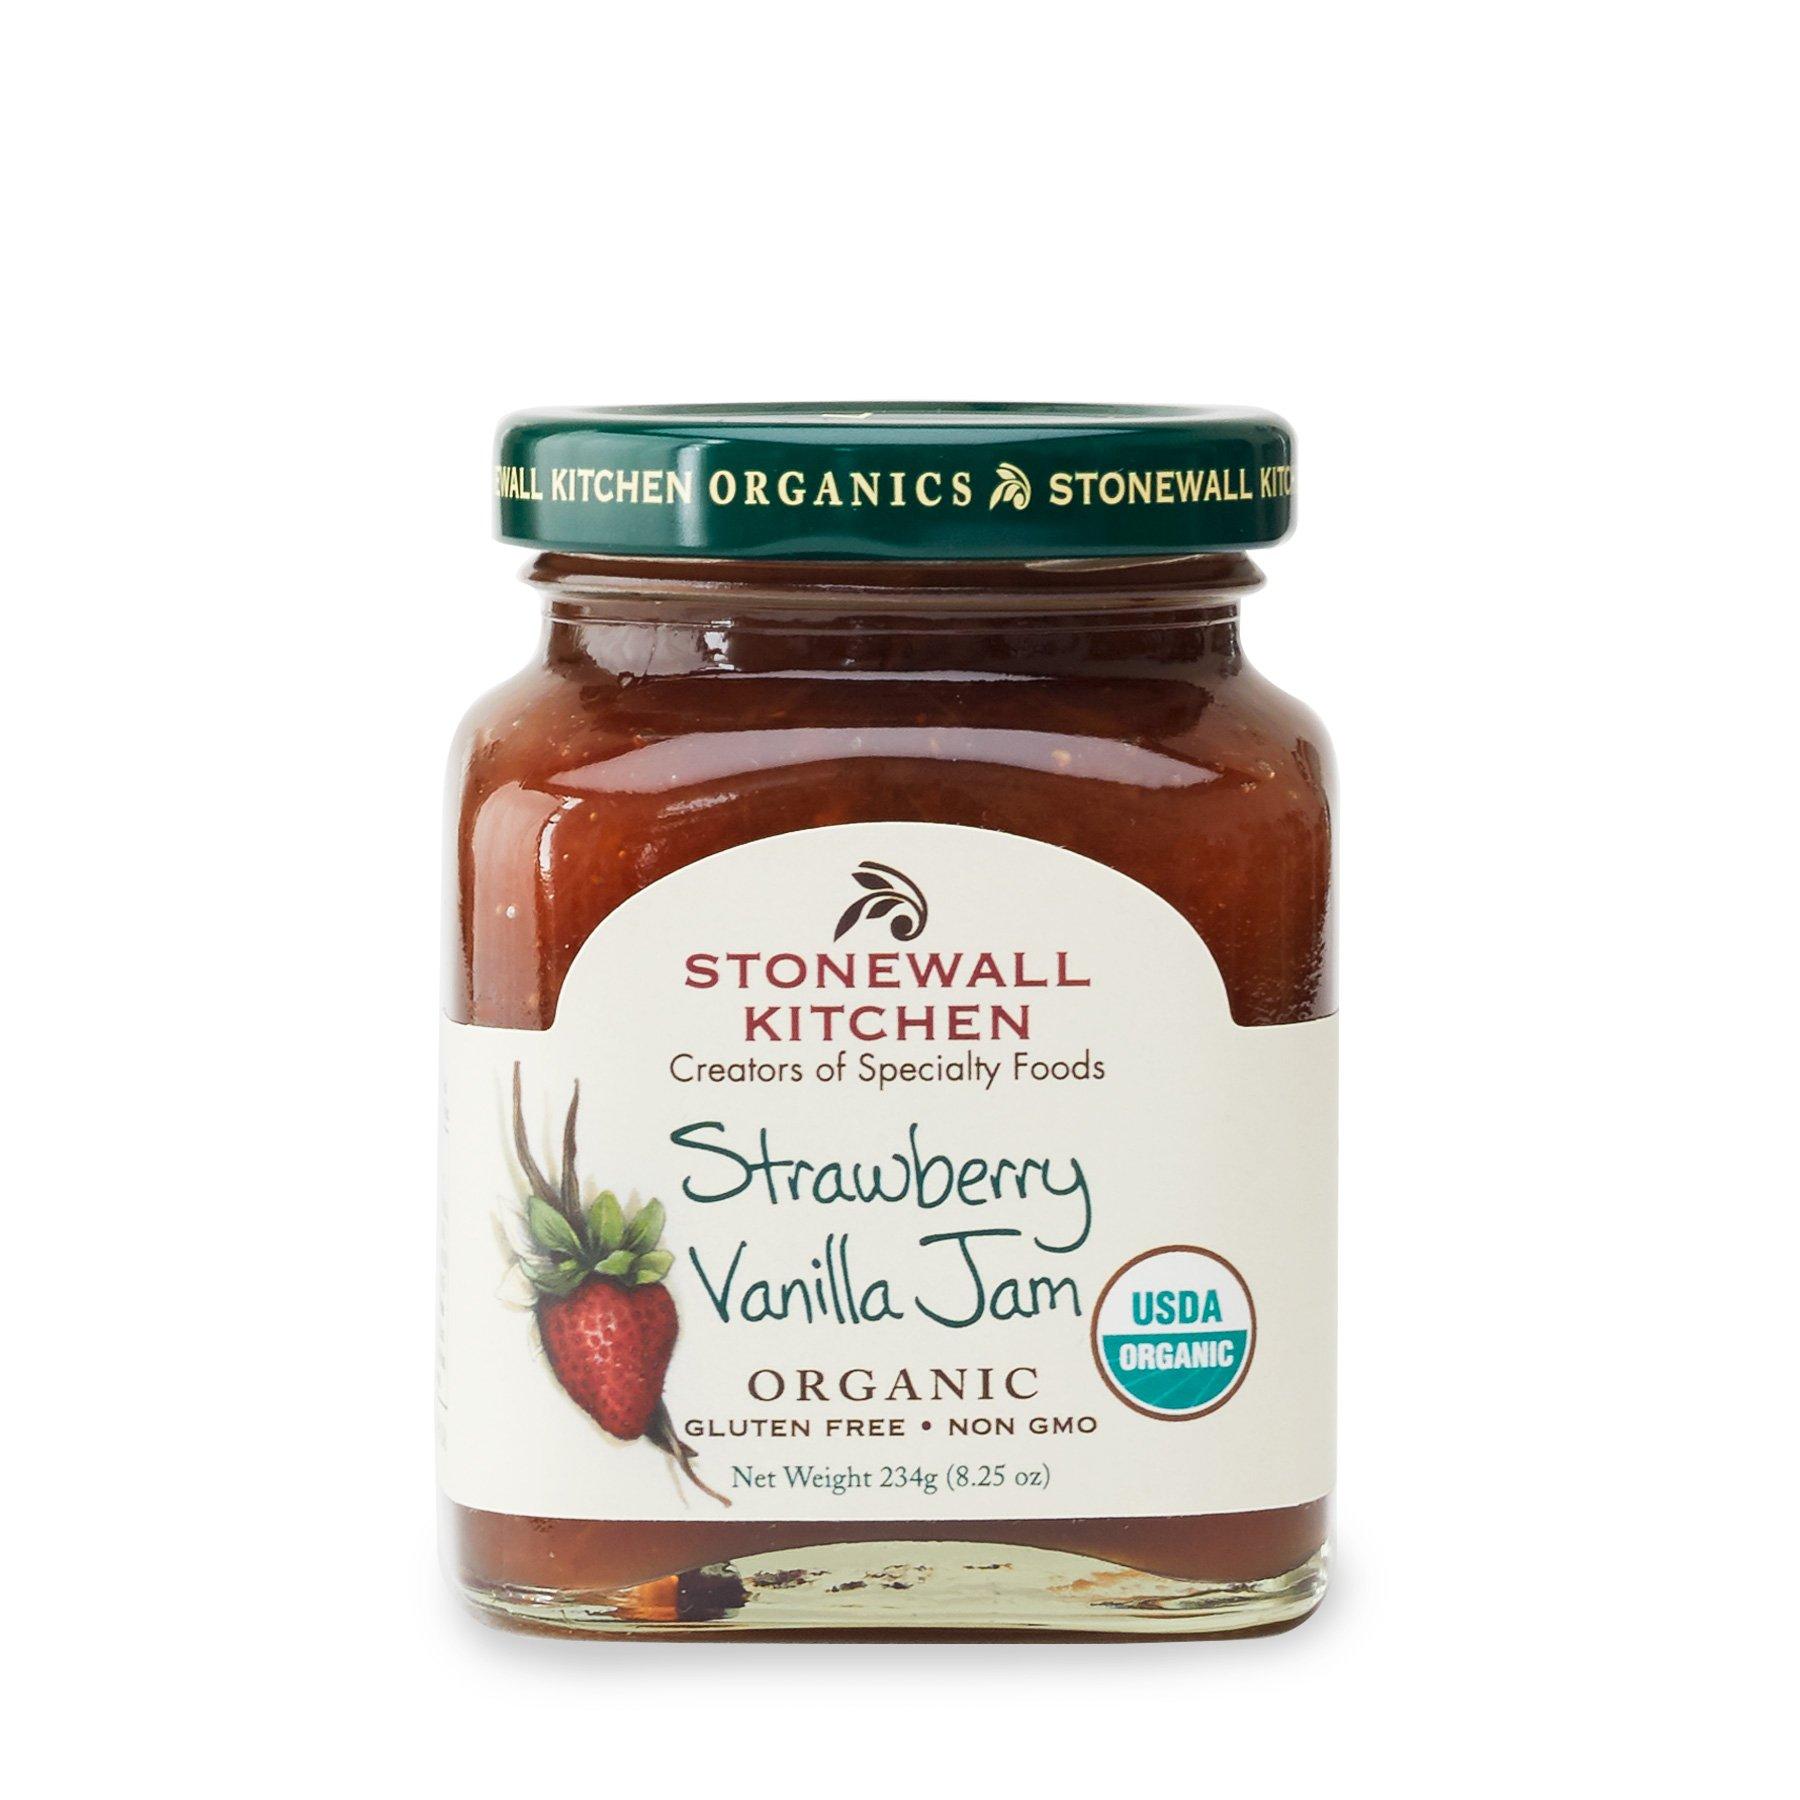 Stonewall Kitchen Organic Strawberry Vanilla Jam, 8.25 Ounce